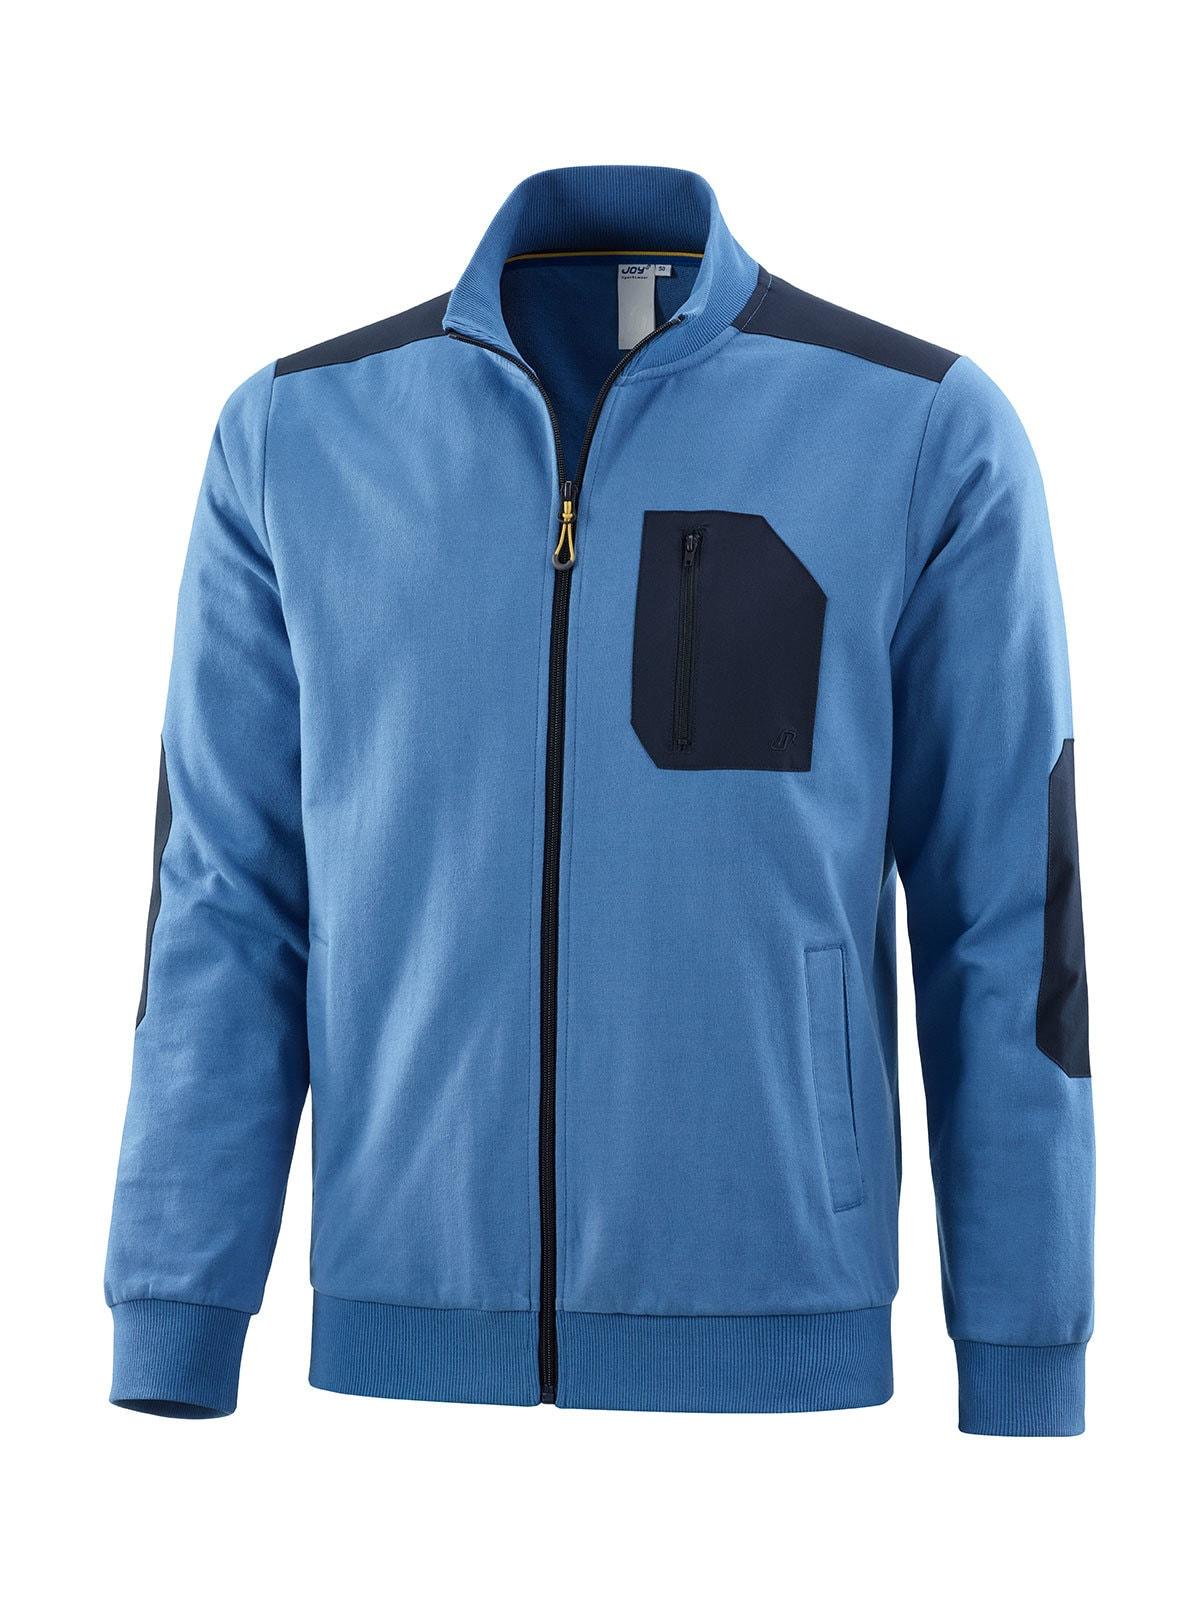 Joy Sportswear Trainingsjacke PADDY   Sportbekleidung > Sportjacken > Sonstige Sportjacken   Blau   Joy Sportswear